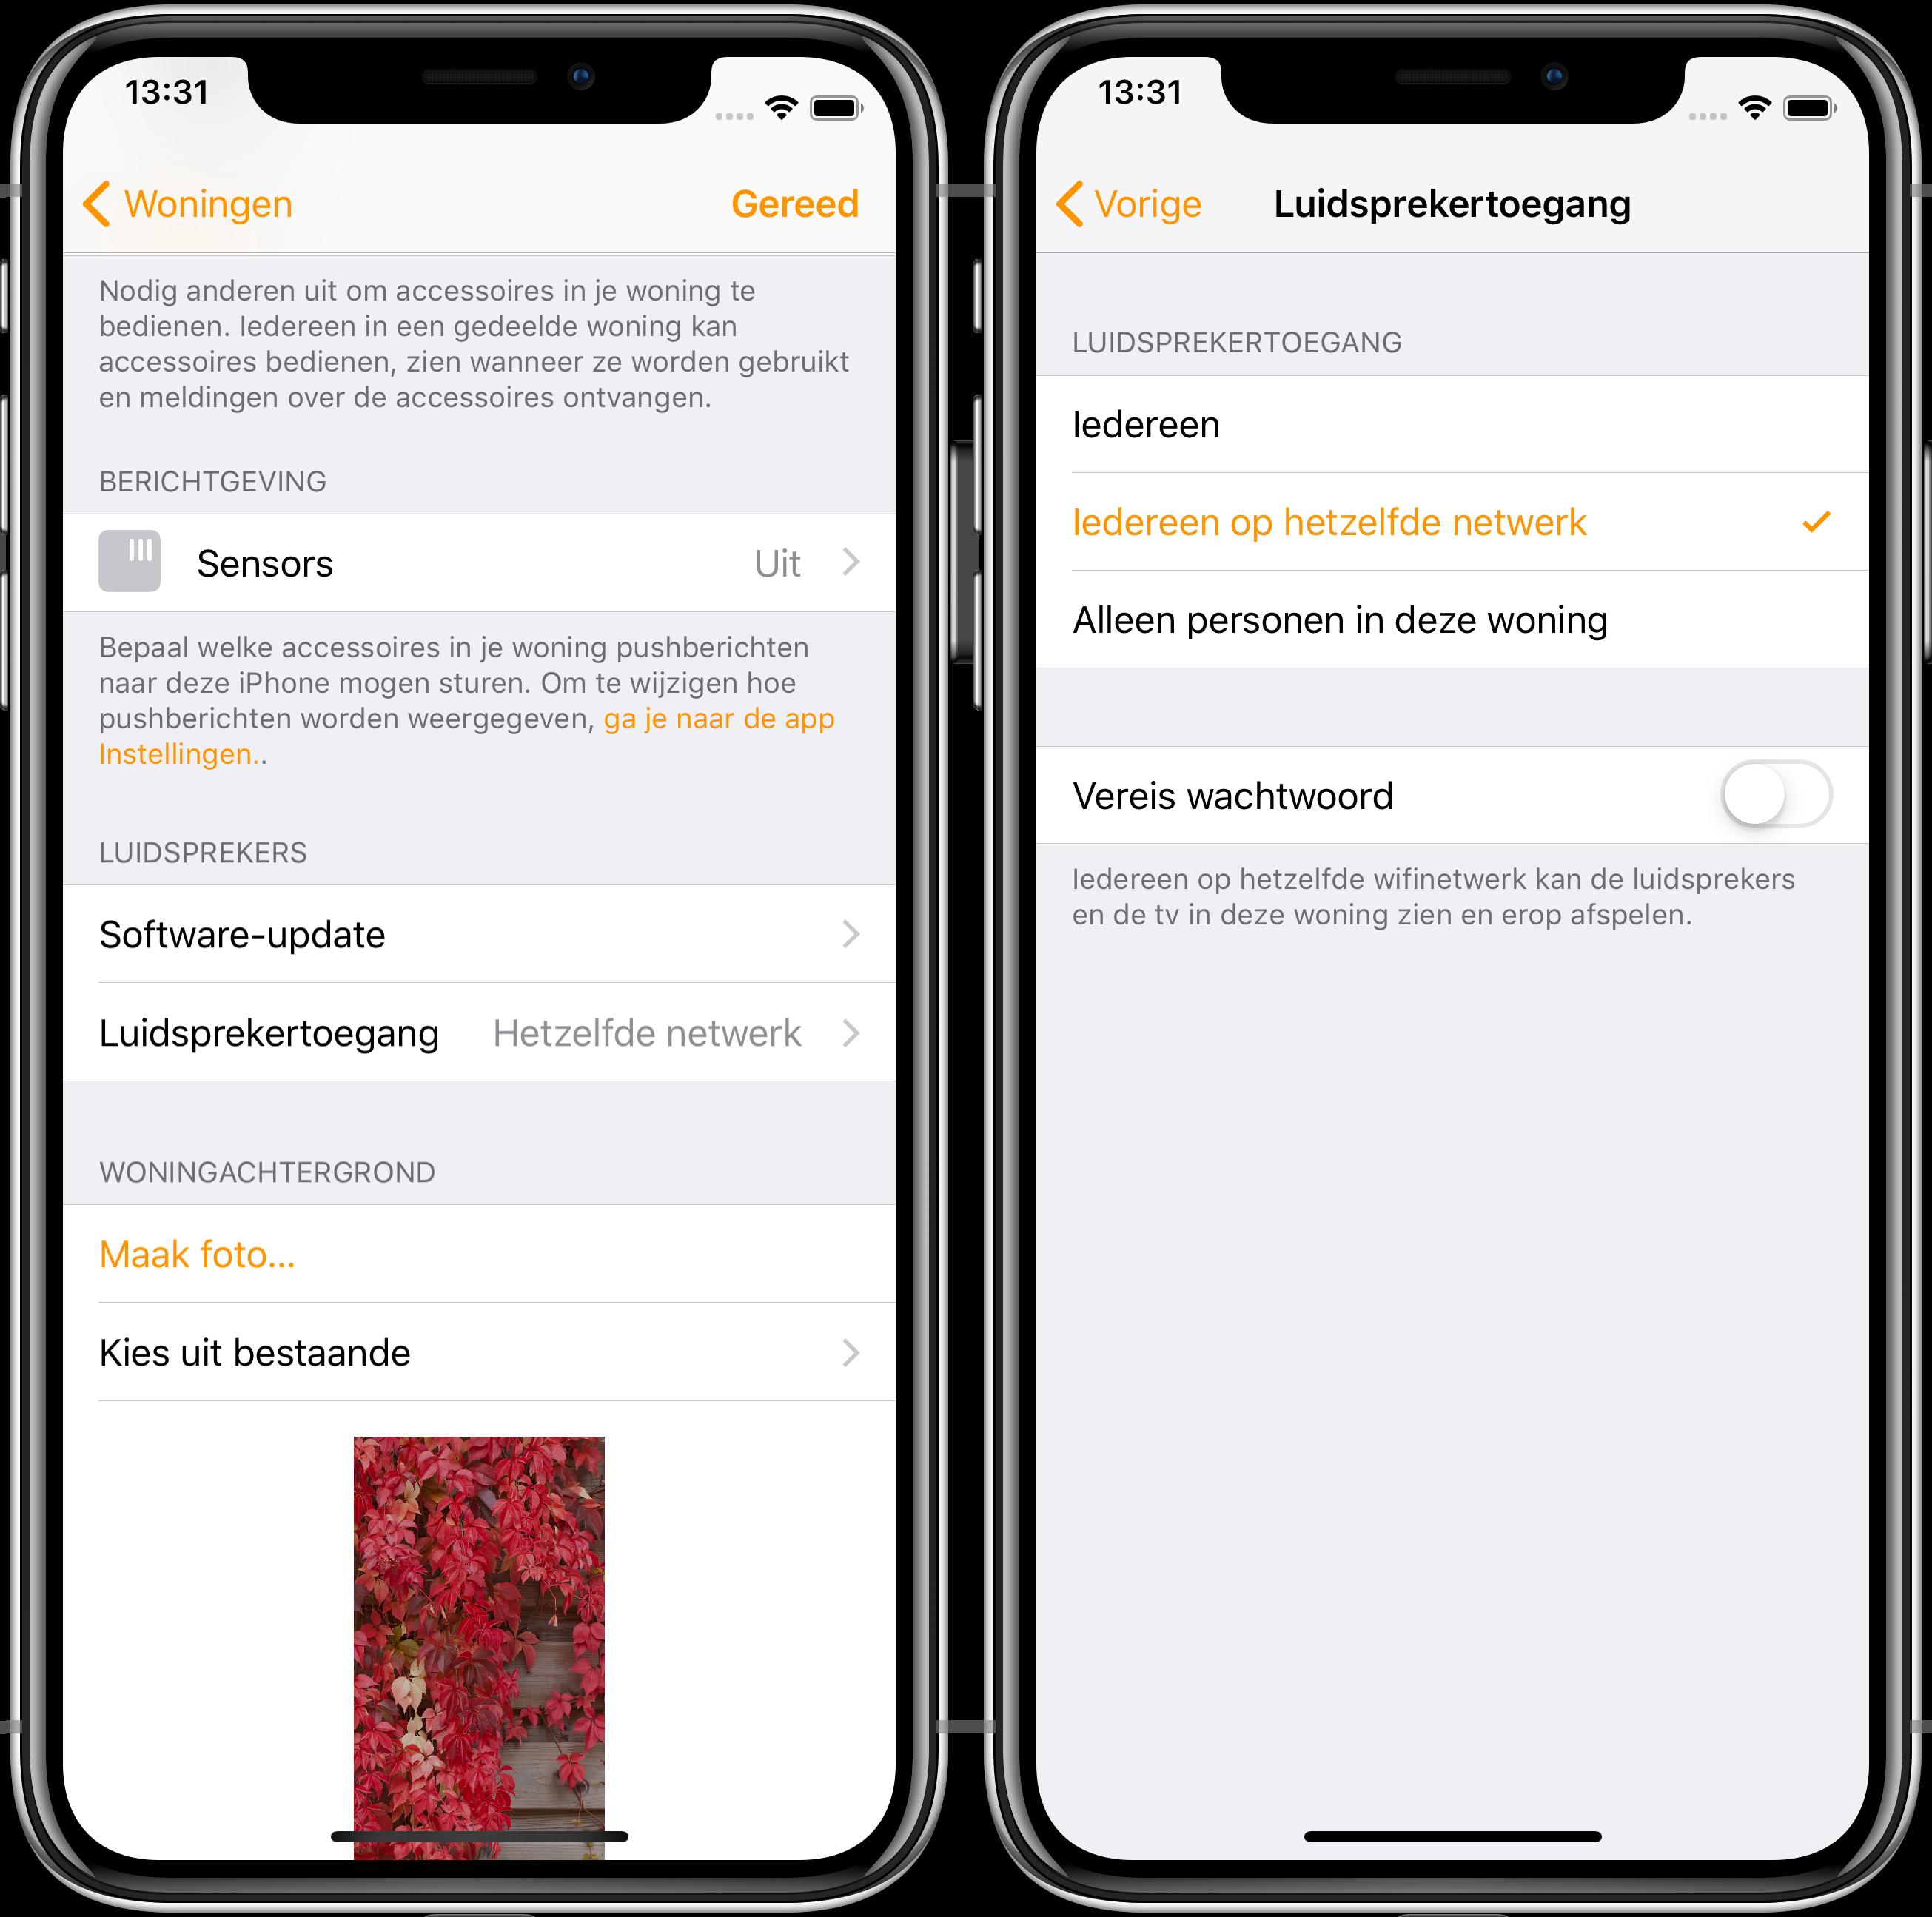 iOS 12.2 woning luidsprekers tv's